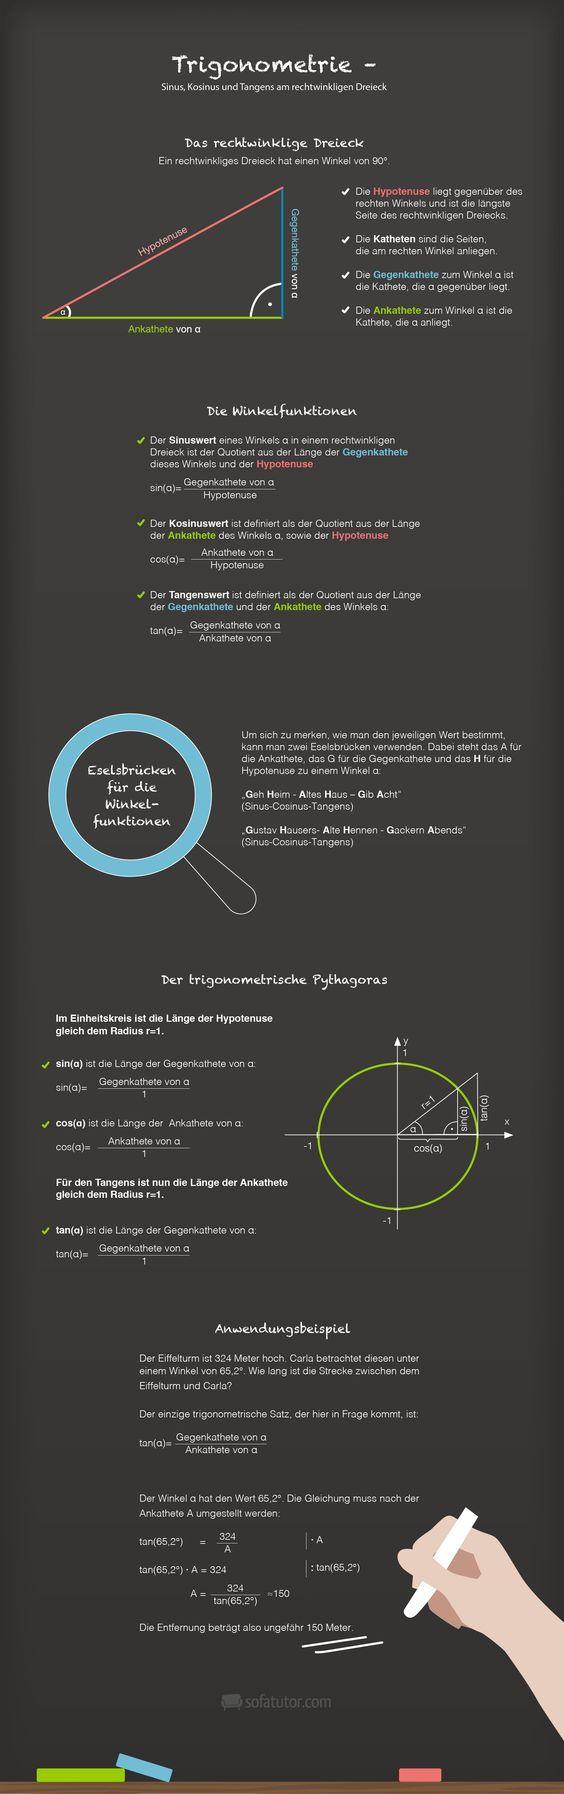 Niedlich Trigonometrie Arbeitsblätter Jahr 10 Ideen - Super Lehrer ...